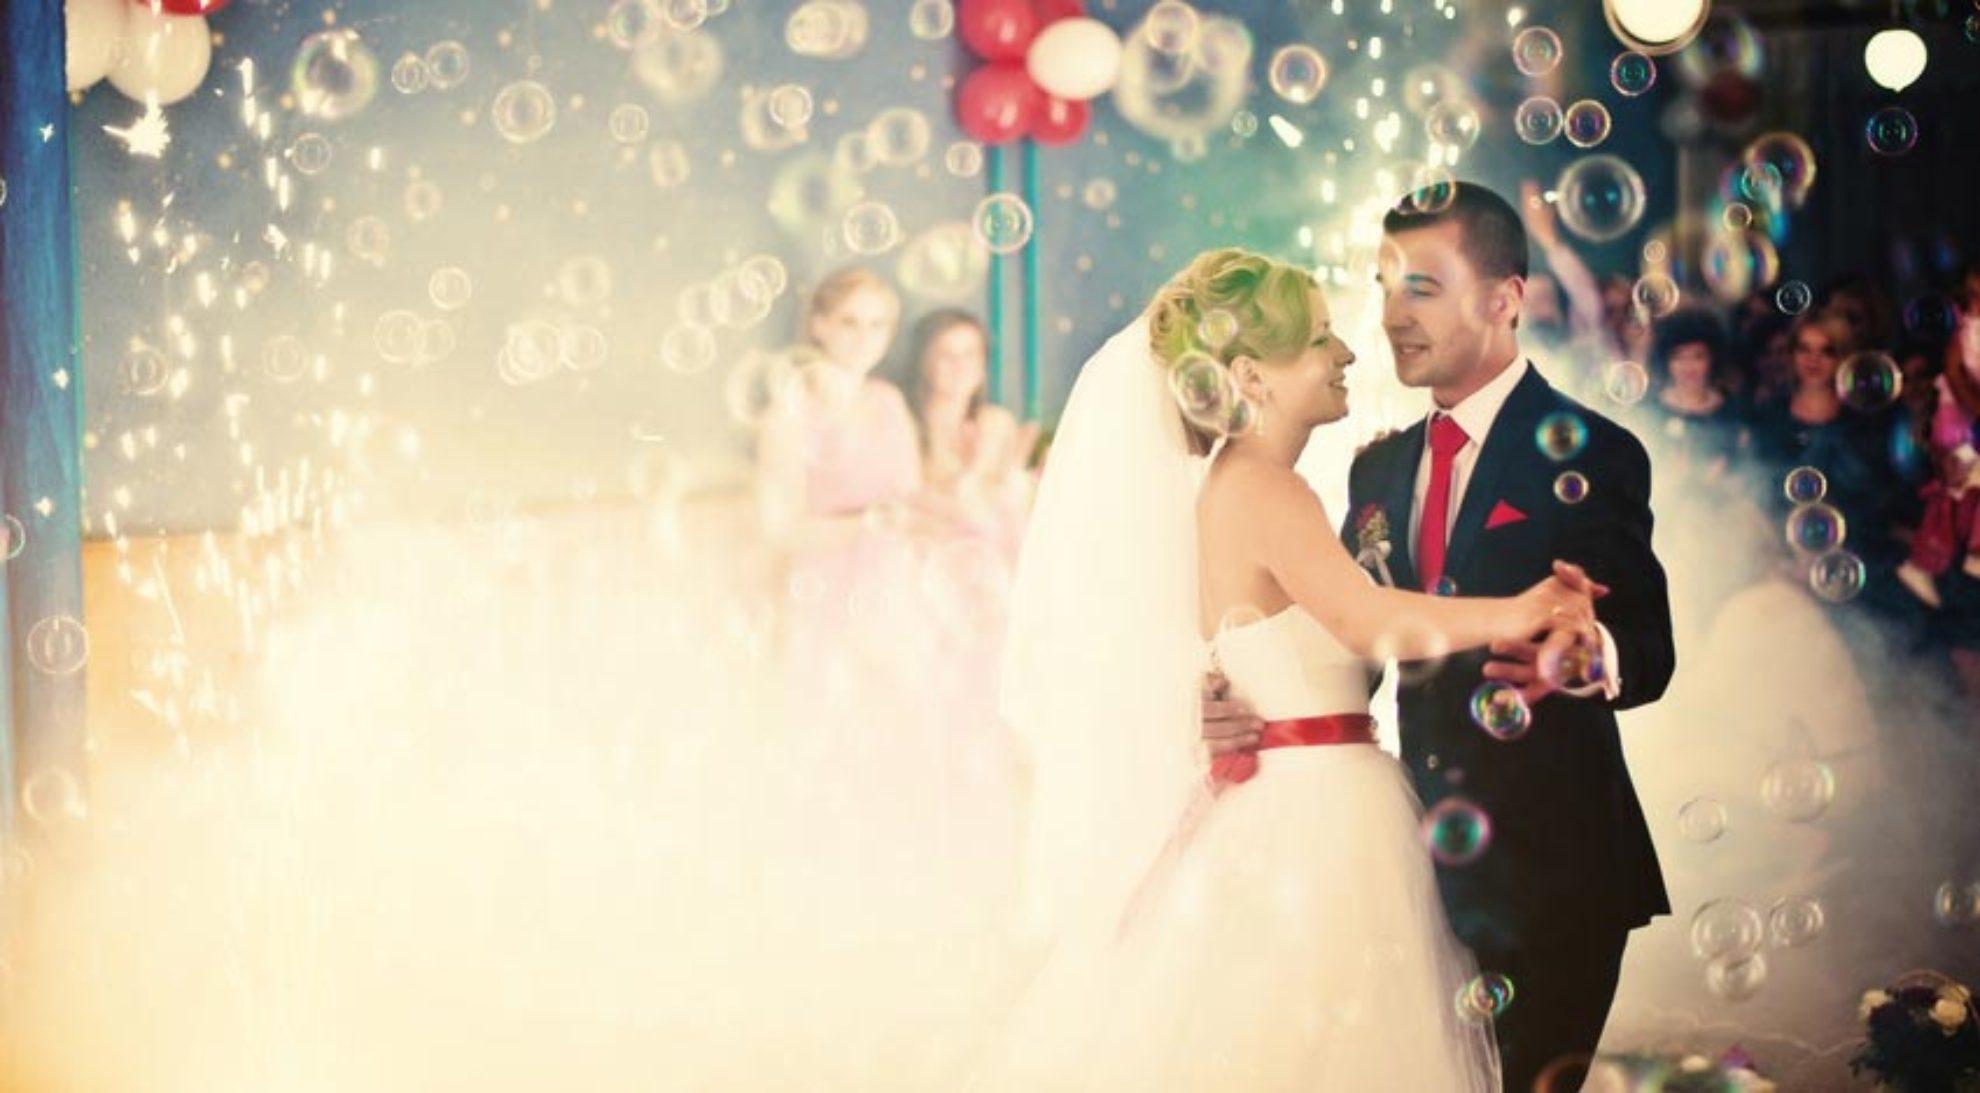 Wedding Bubbles – Seifenblasen Hochzeit